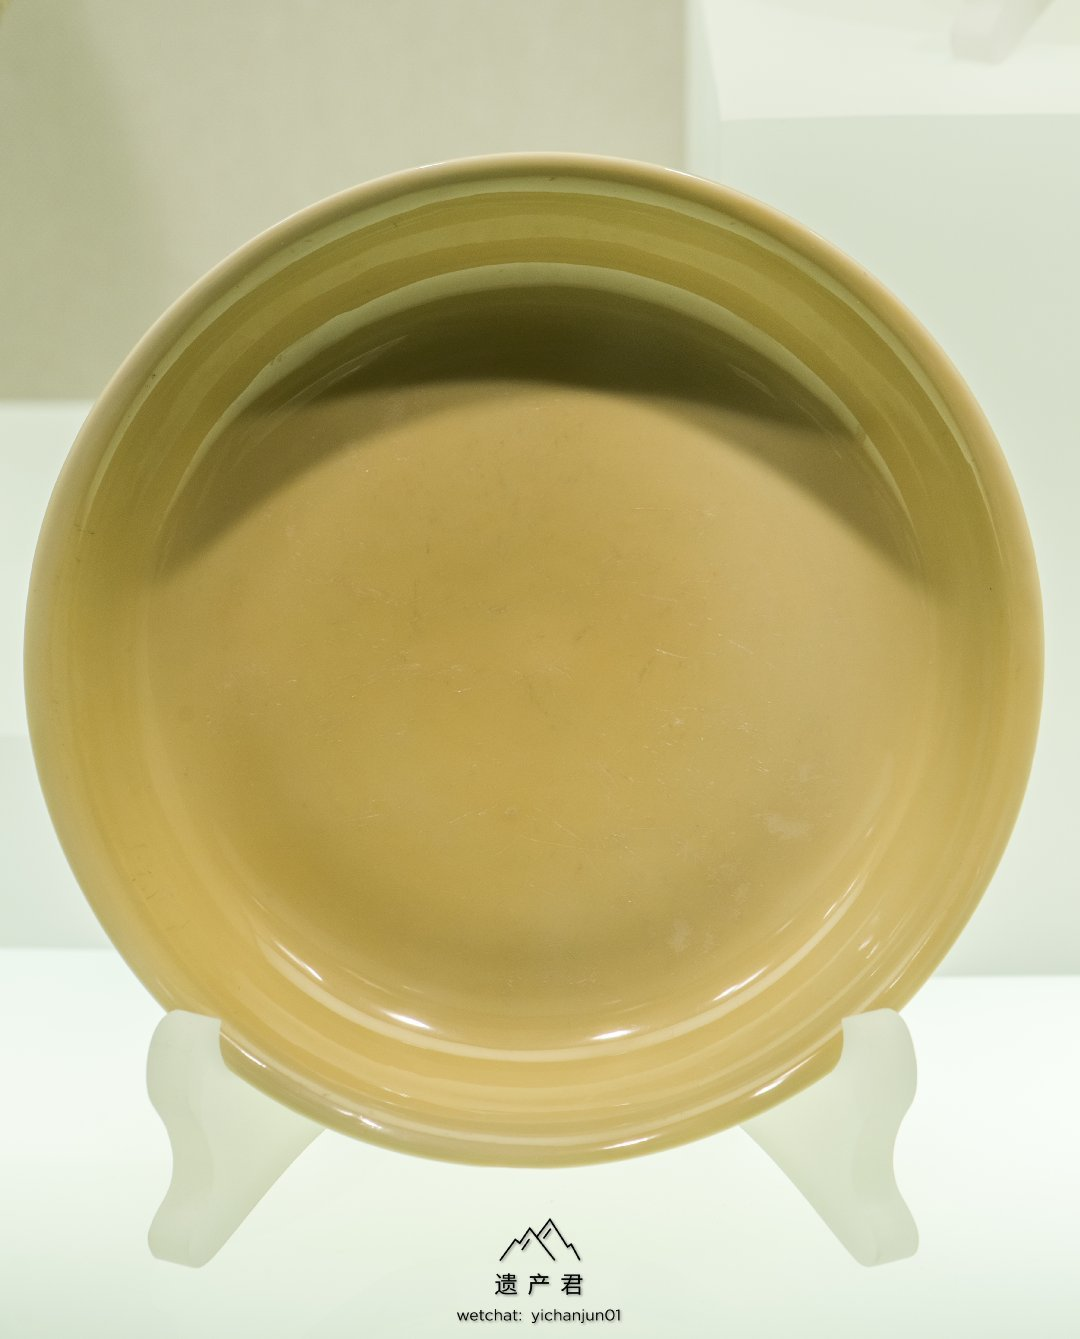 辽宁省博物馆藏· 明代娇黄釉盘